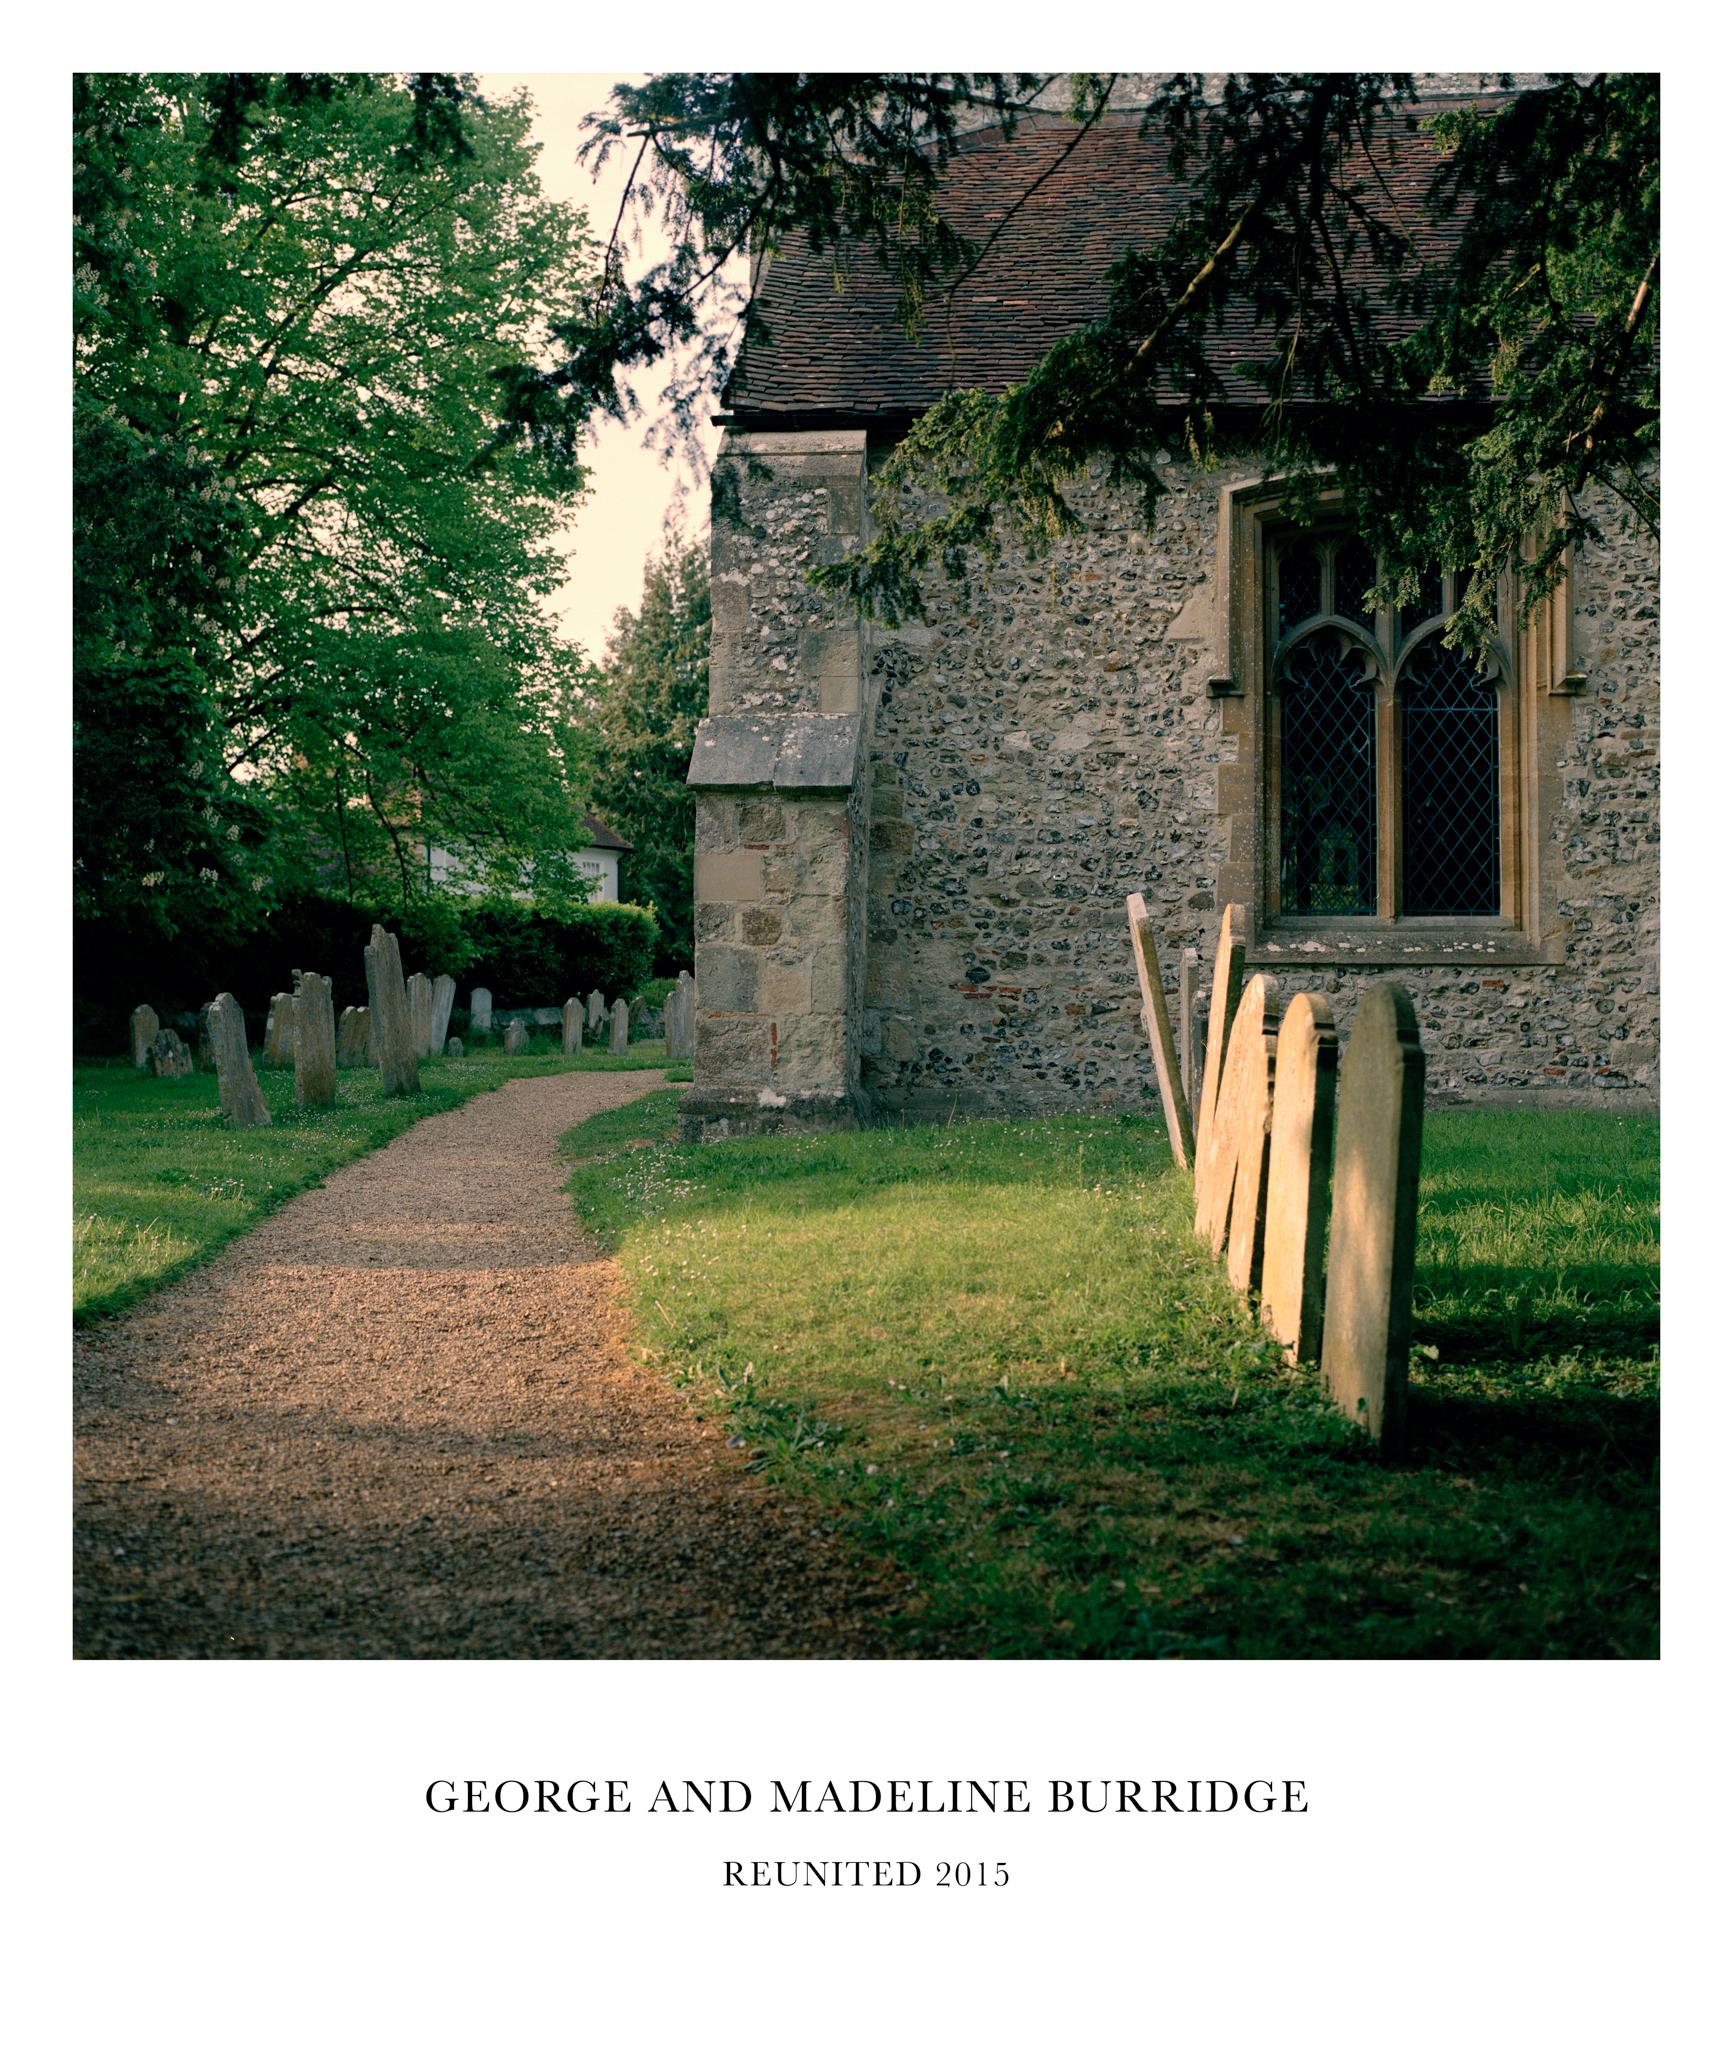 George & Madeline Burridge.jpg